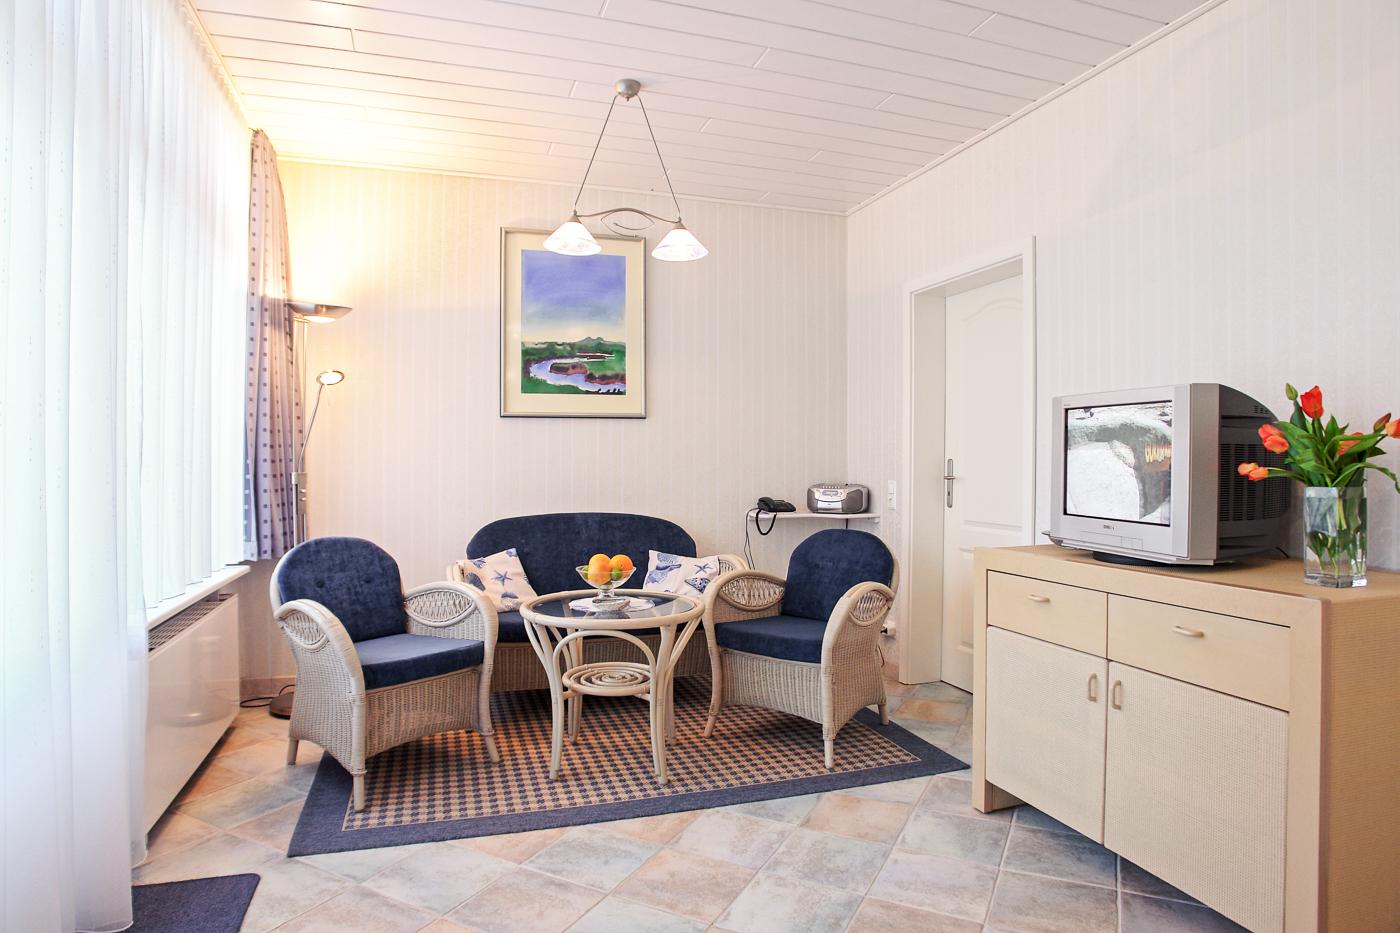 ferienwohnungen d min t s ferienwohnungen amrum. Black Bedroom Furniture Sets. Home Design Ideas